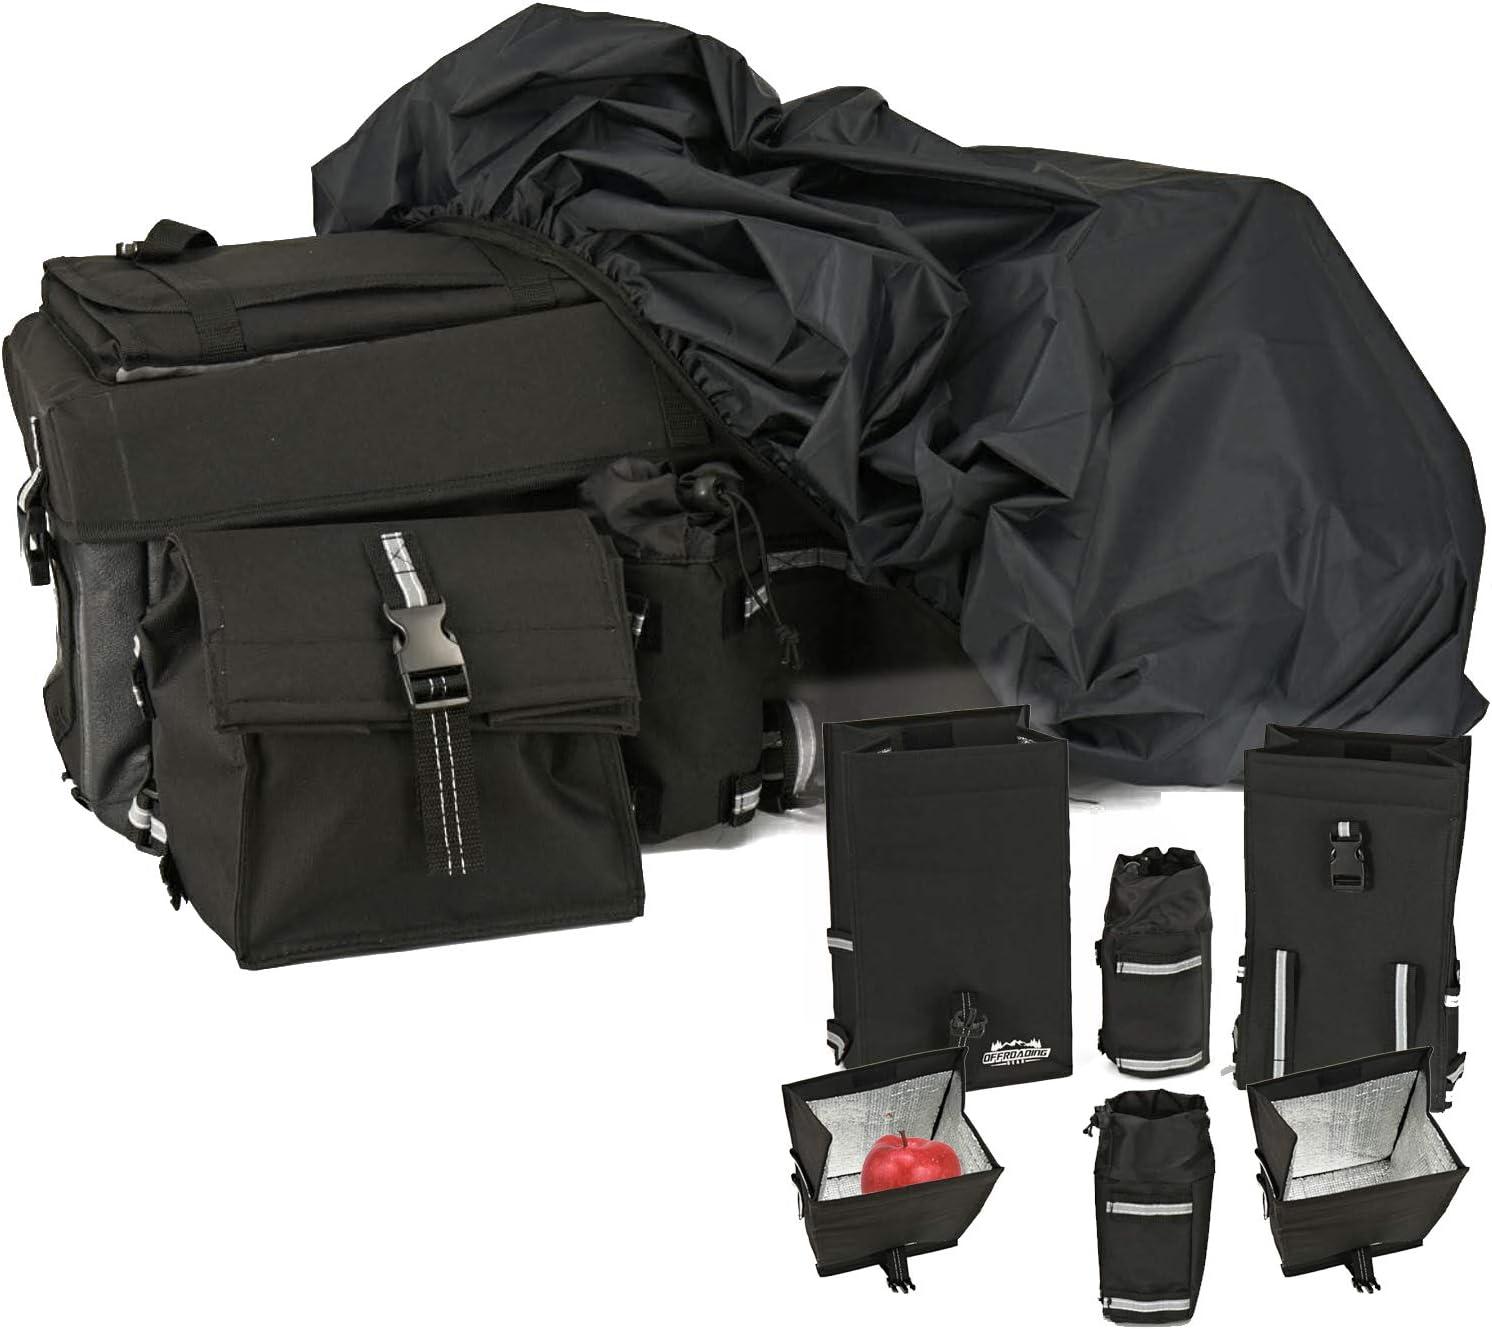 越野齿轮ATV后置行李袋